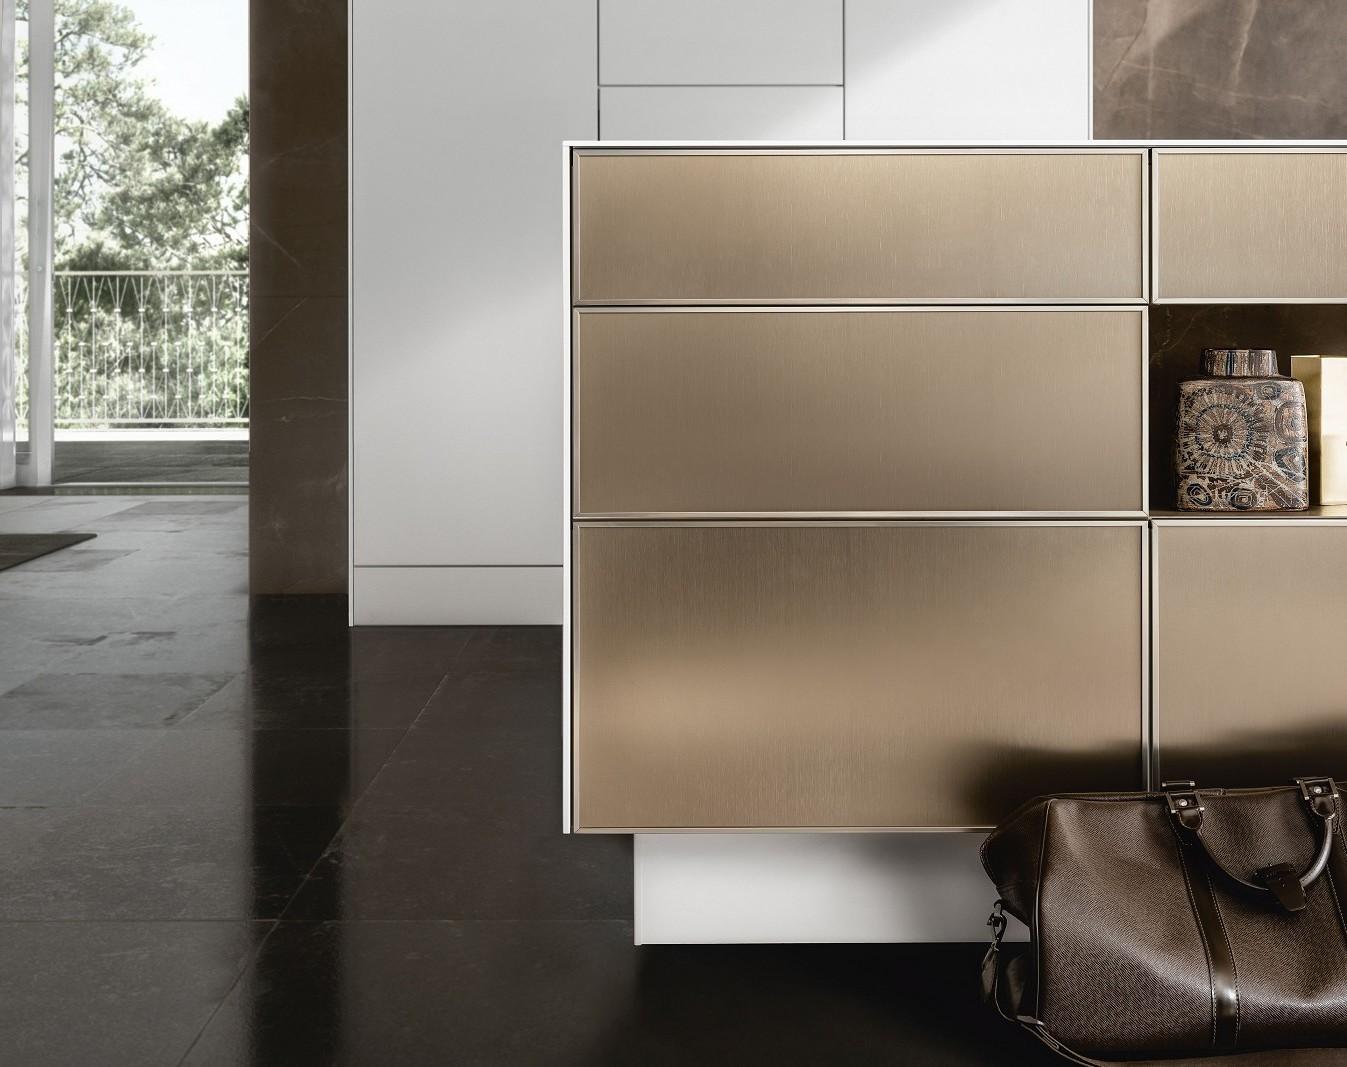 Ilot central de cuisine de luxe SieMatic SE 3003 R avec surfaces en or bronze ainsi que plan de travail et façades latérales en 6,5mm optique.